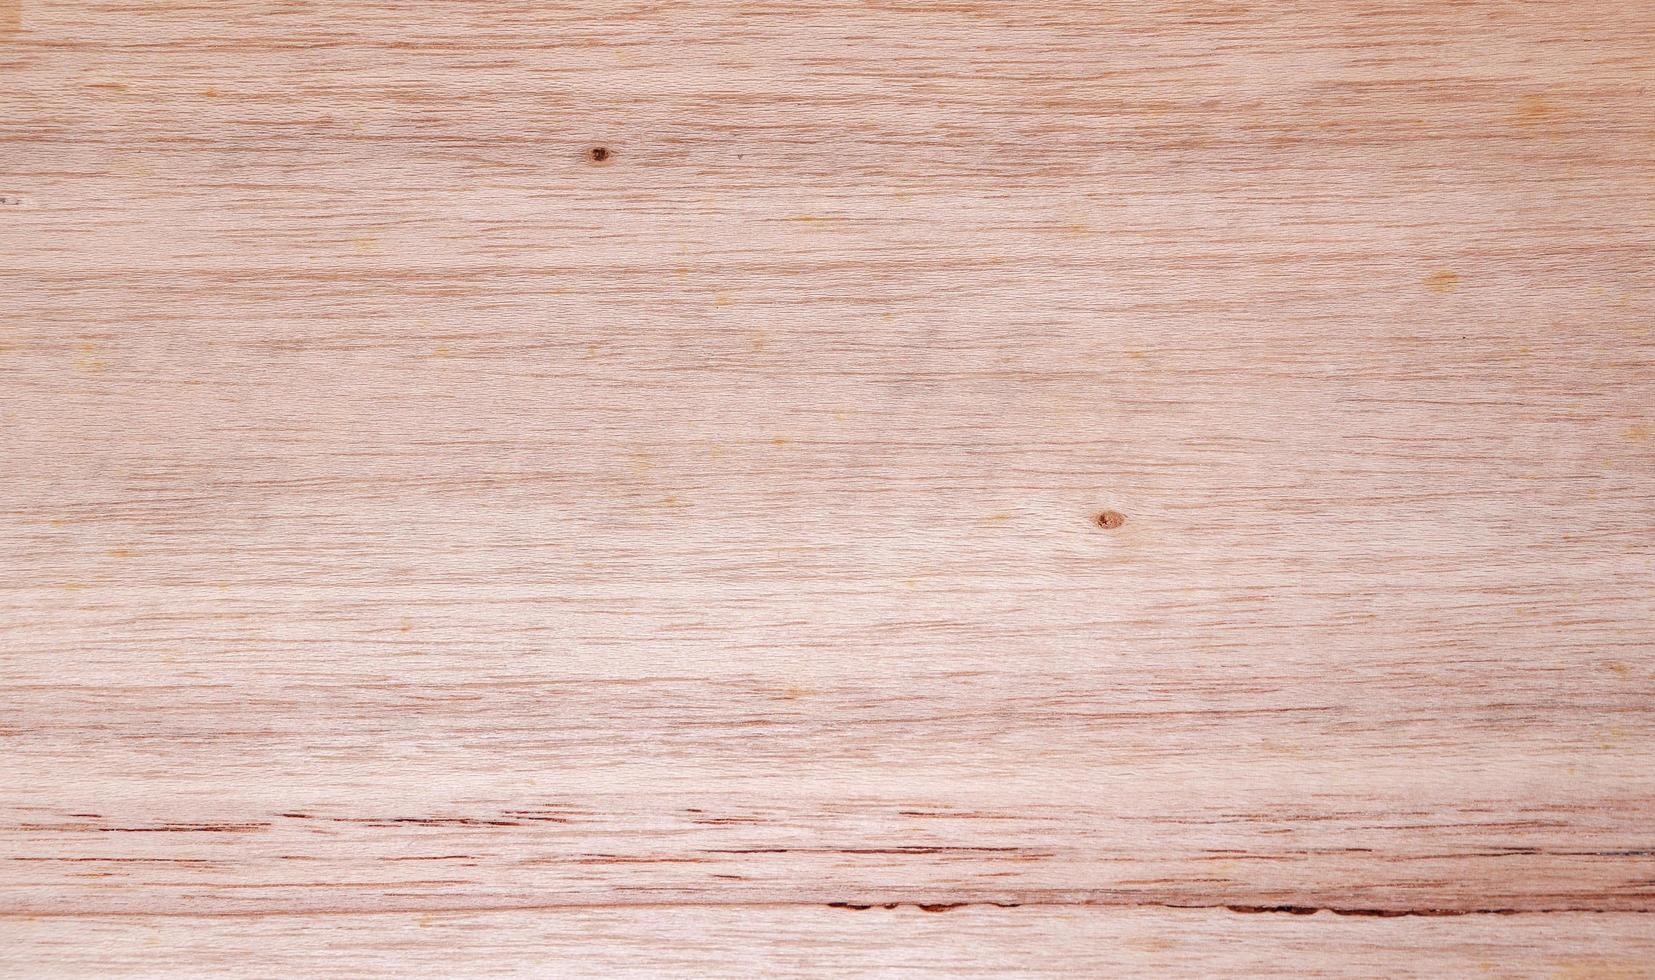 rustieke lichte houten achtergrond foto